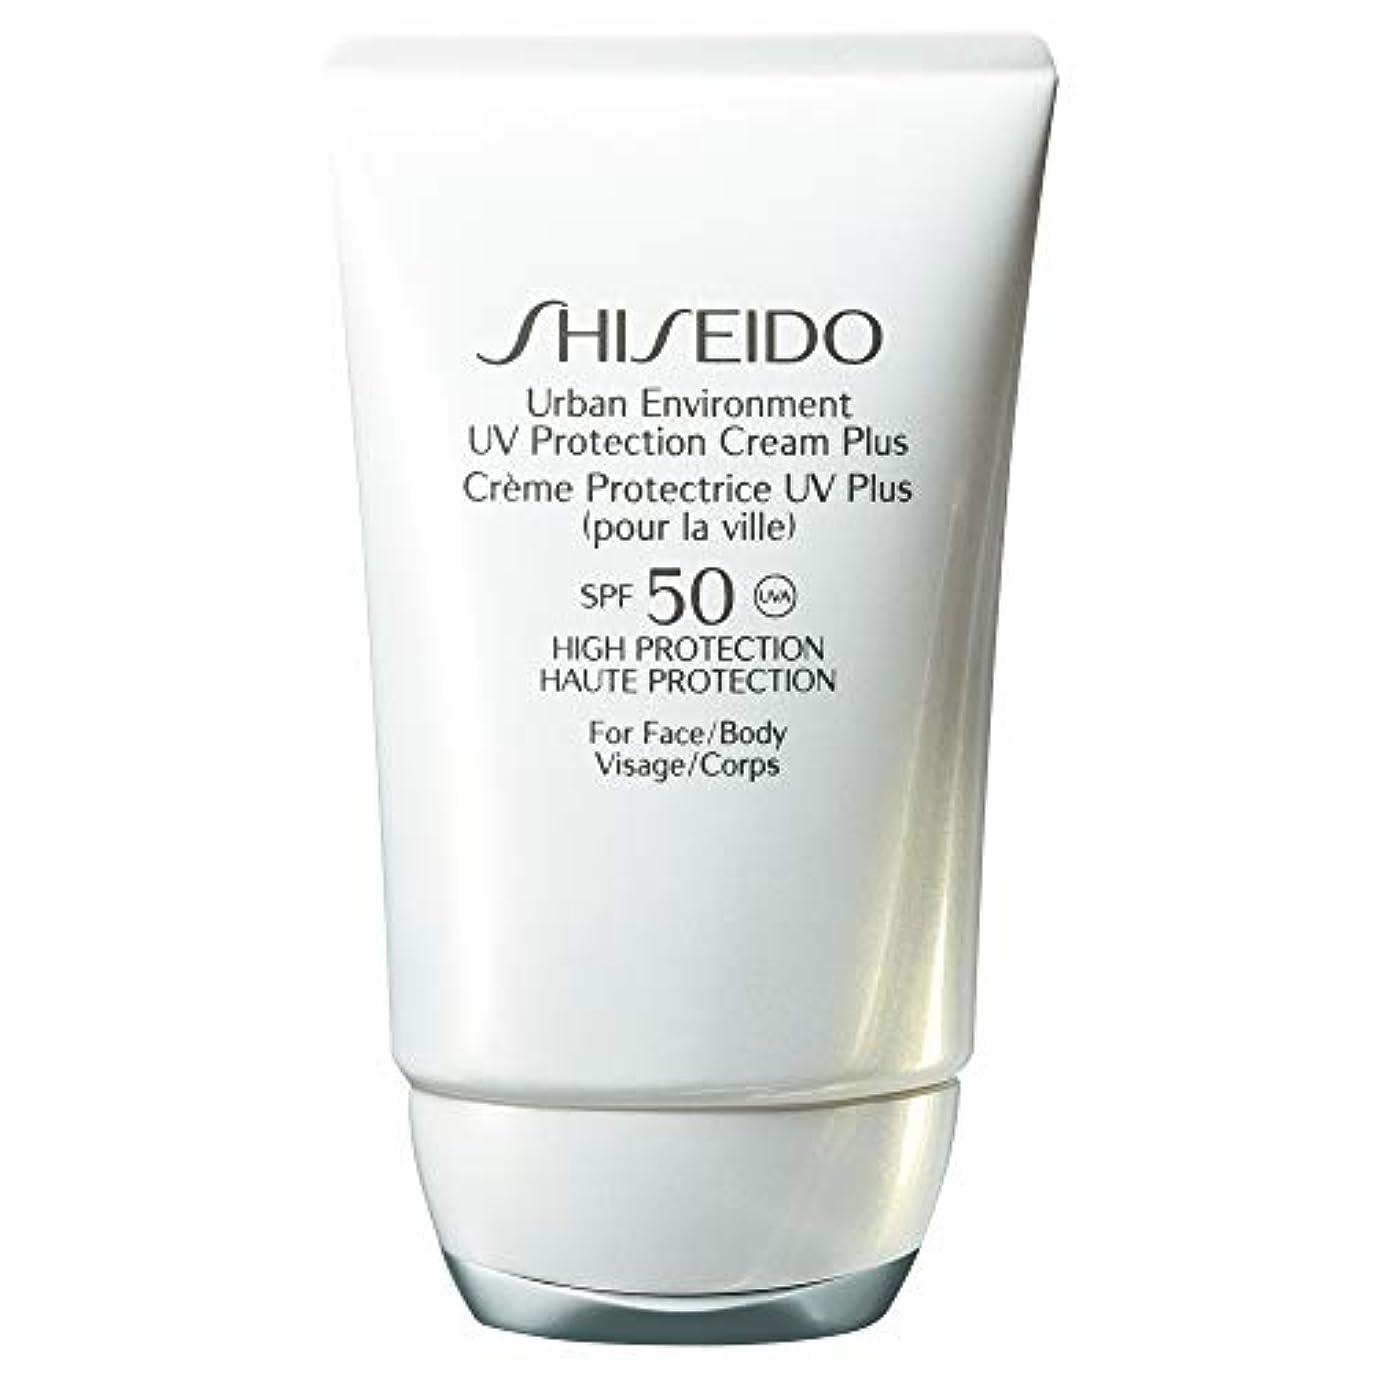 モバイル取得印象[Shiseido] 資生堂都市環境UvプロテクションクリームプラスSpf 50 50ミリリットル - Shiseido Urban Environment Uv Protection Cream Plus Spf 50...